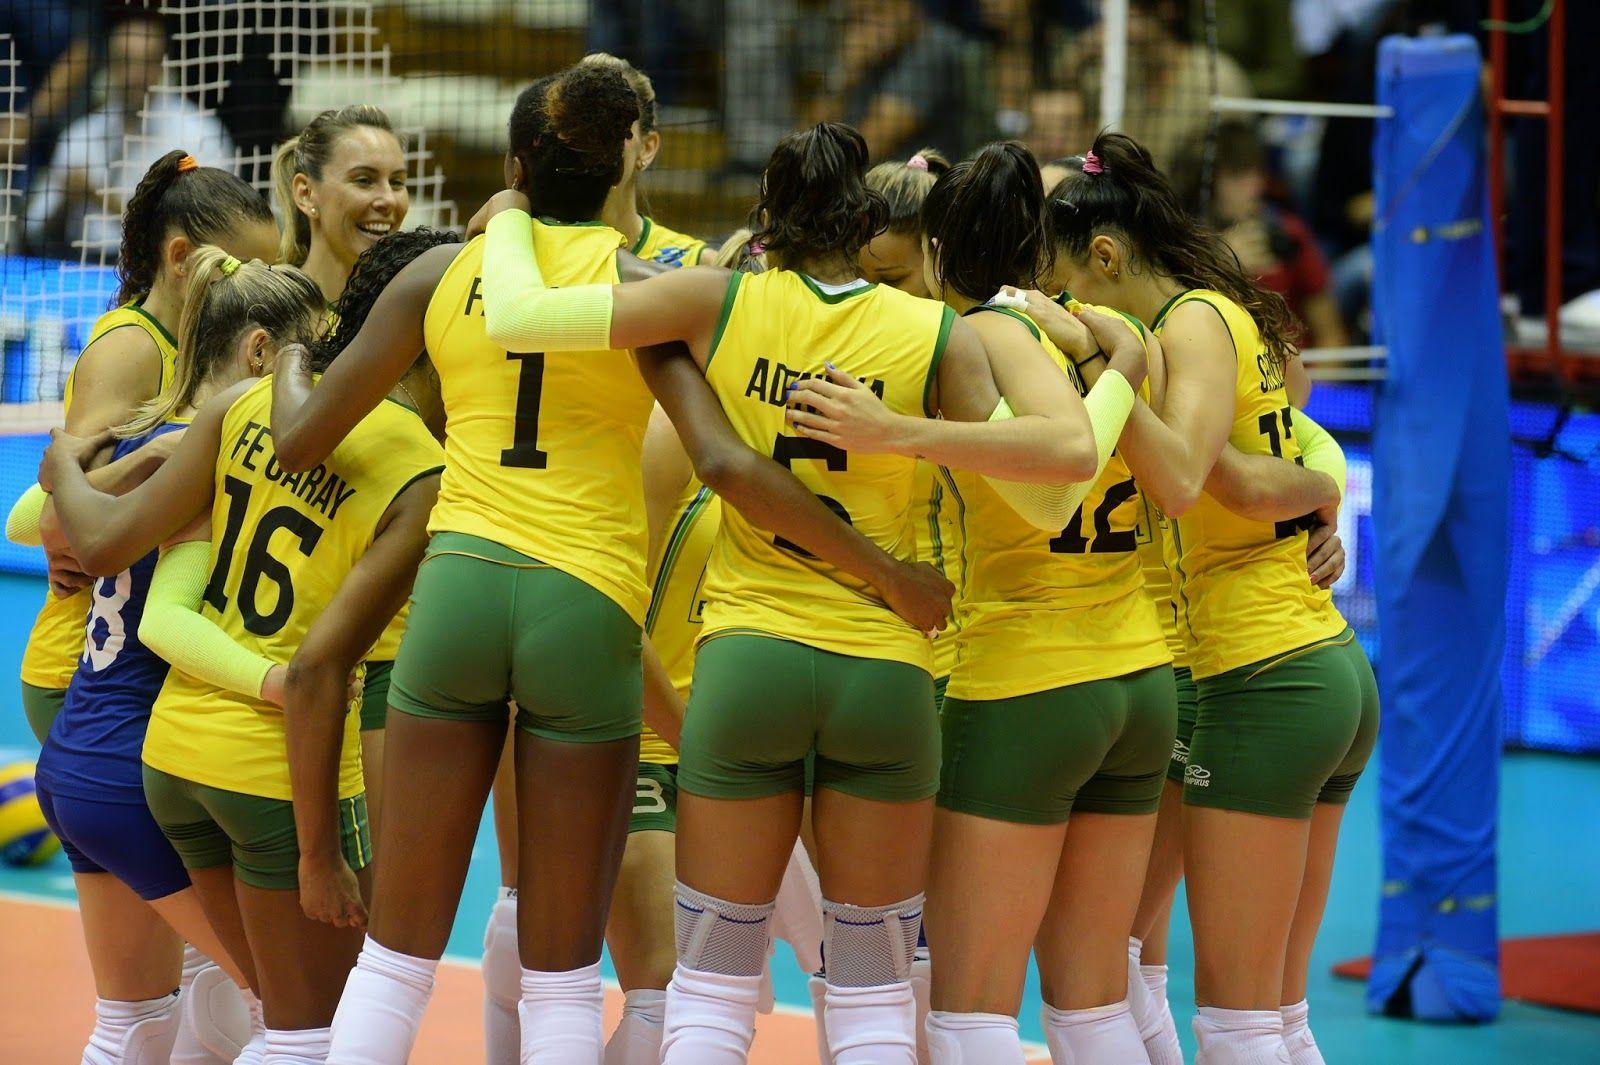 Duringthefivbwomensworldchampionshippoolbmatchbetweenbrazilandbulgariaonseptember232014intrieste Women Volleyball Brazilian Women Women